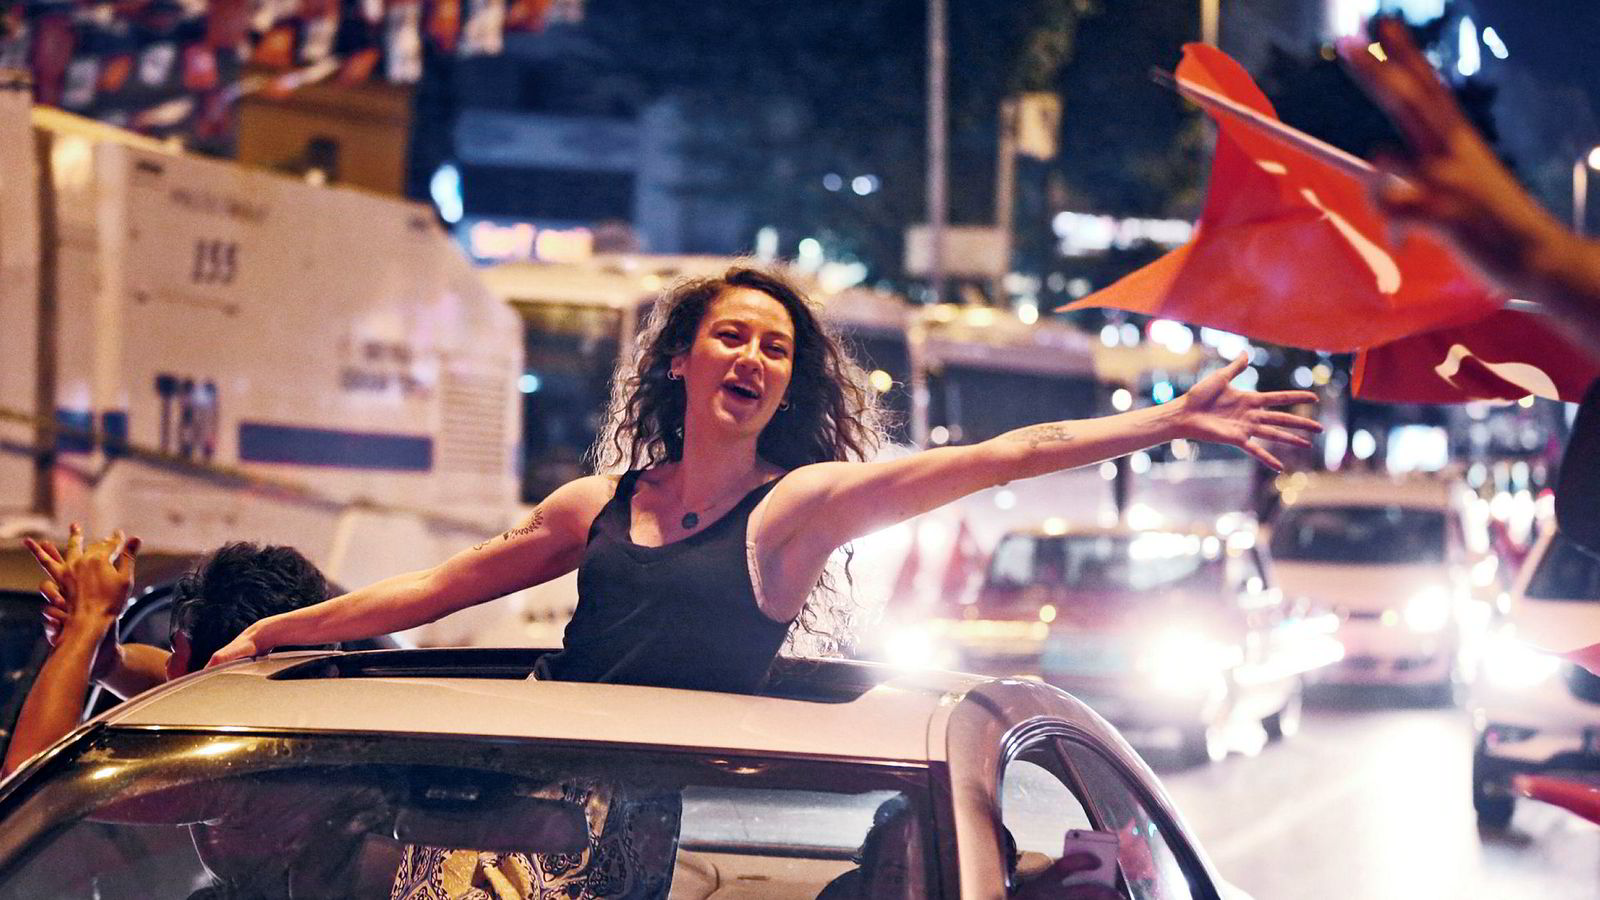 Tilhengerne jubler i gatene i Istanbul etter at opposisjonen ved den sekulære sentrumskandidaten Ekrem İmamoğlu vant ordførervalget.